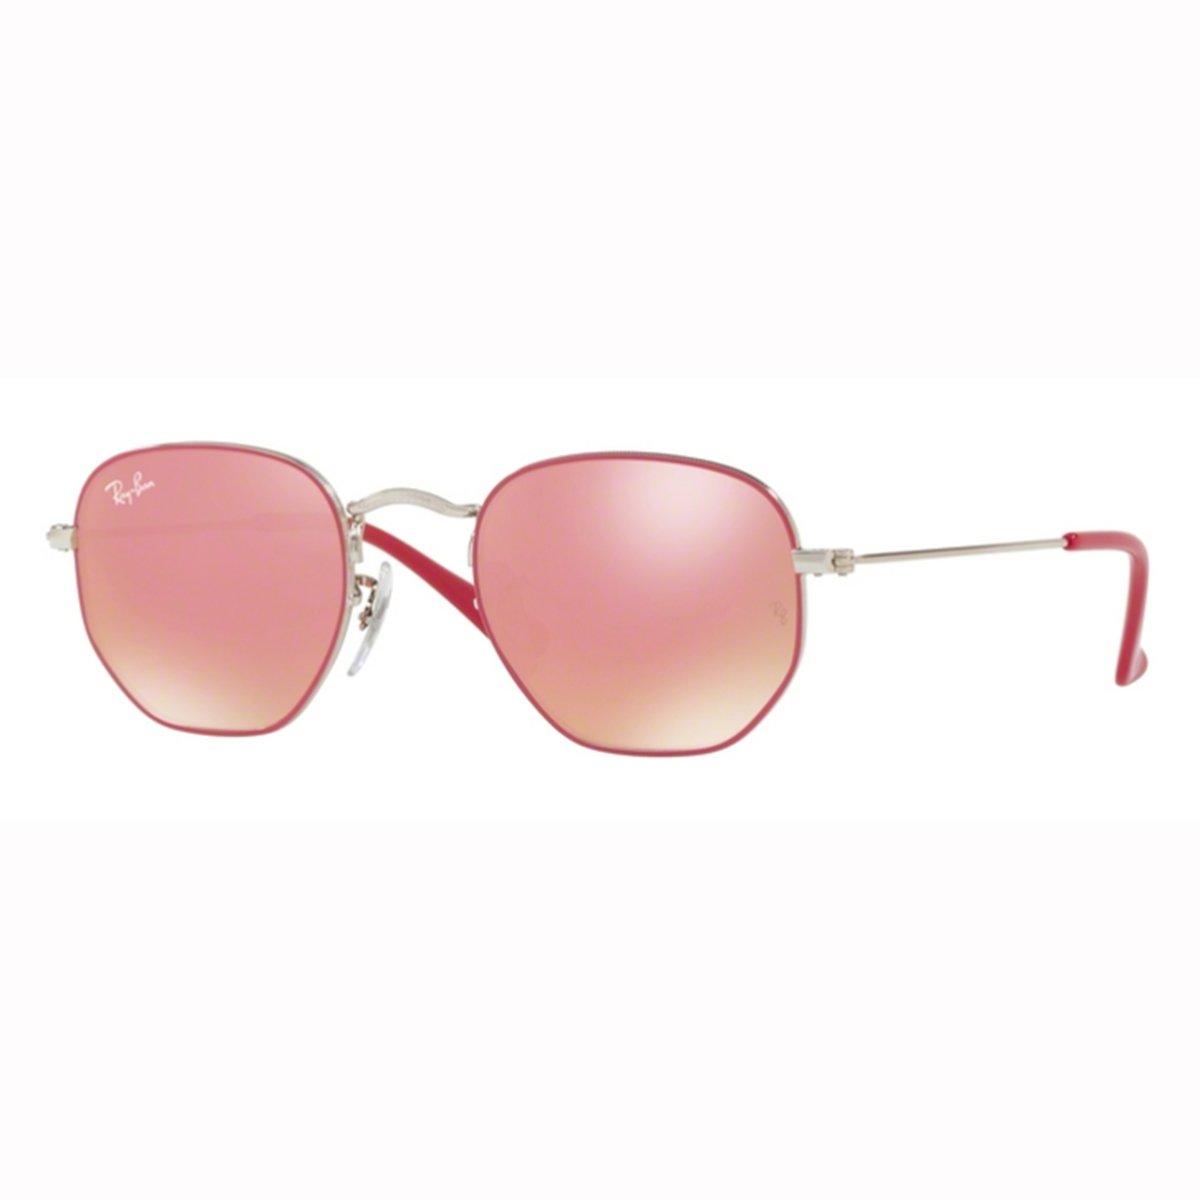 d1b3d9ba6 Compre Óculos de Sol Ray Ban Hexagonal Infantil em 10X | Tri-Jóia Shop